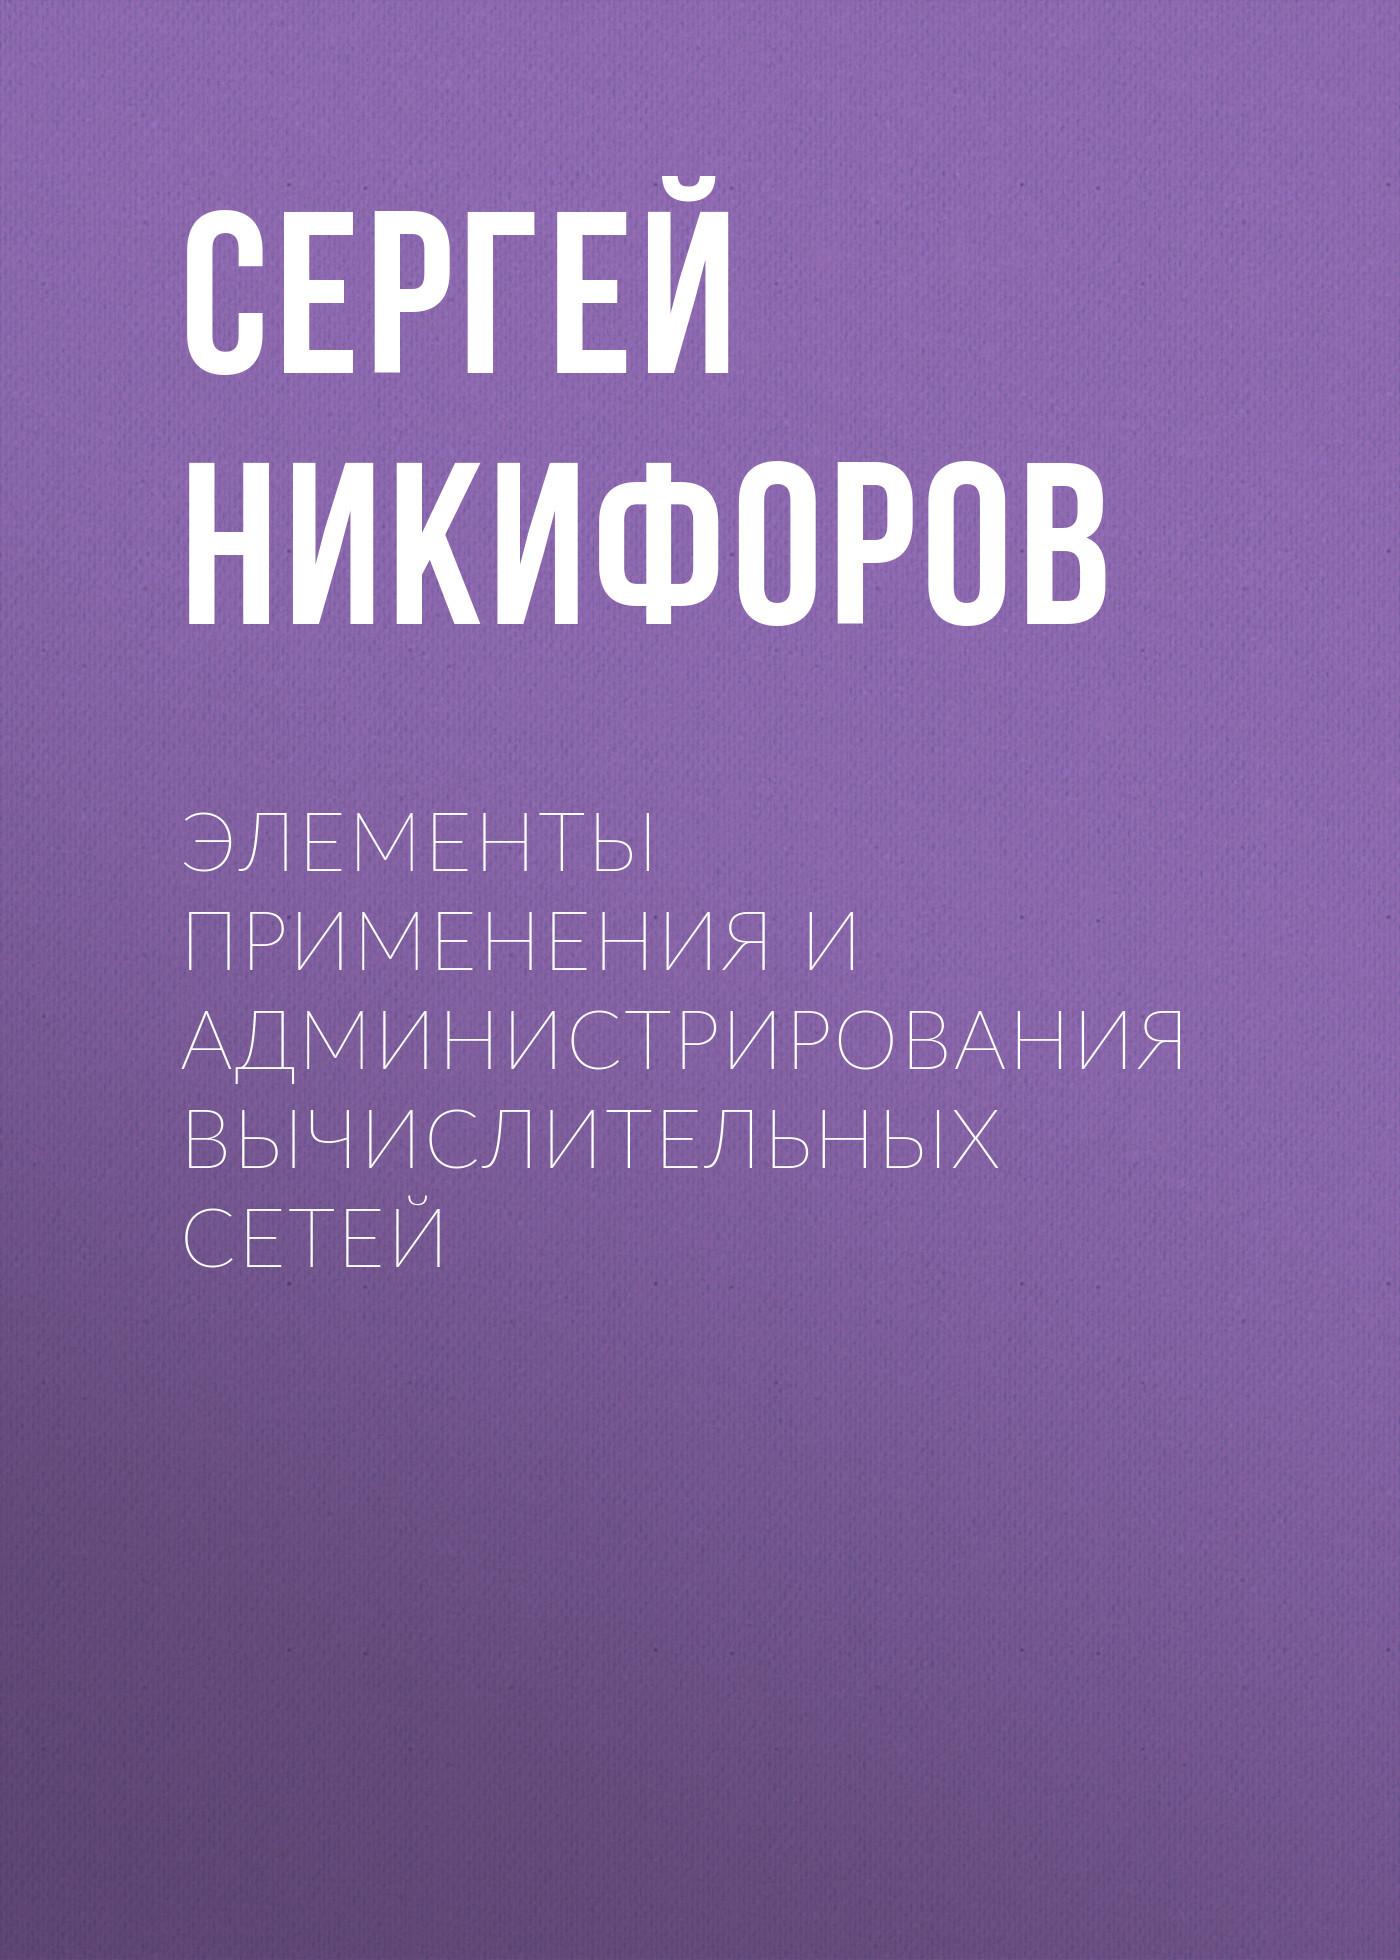 Сергей Никифоров. Элементы применения и администрирования вычислительных сетей